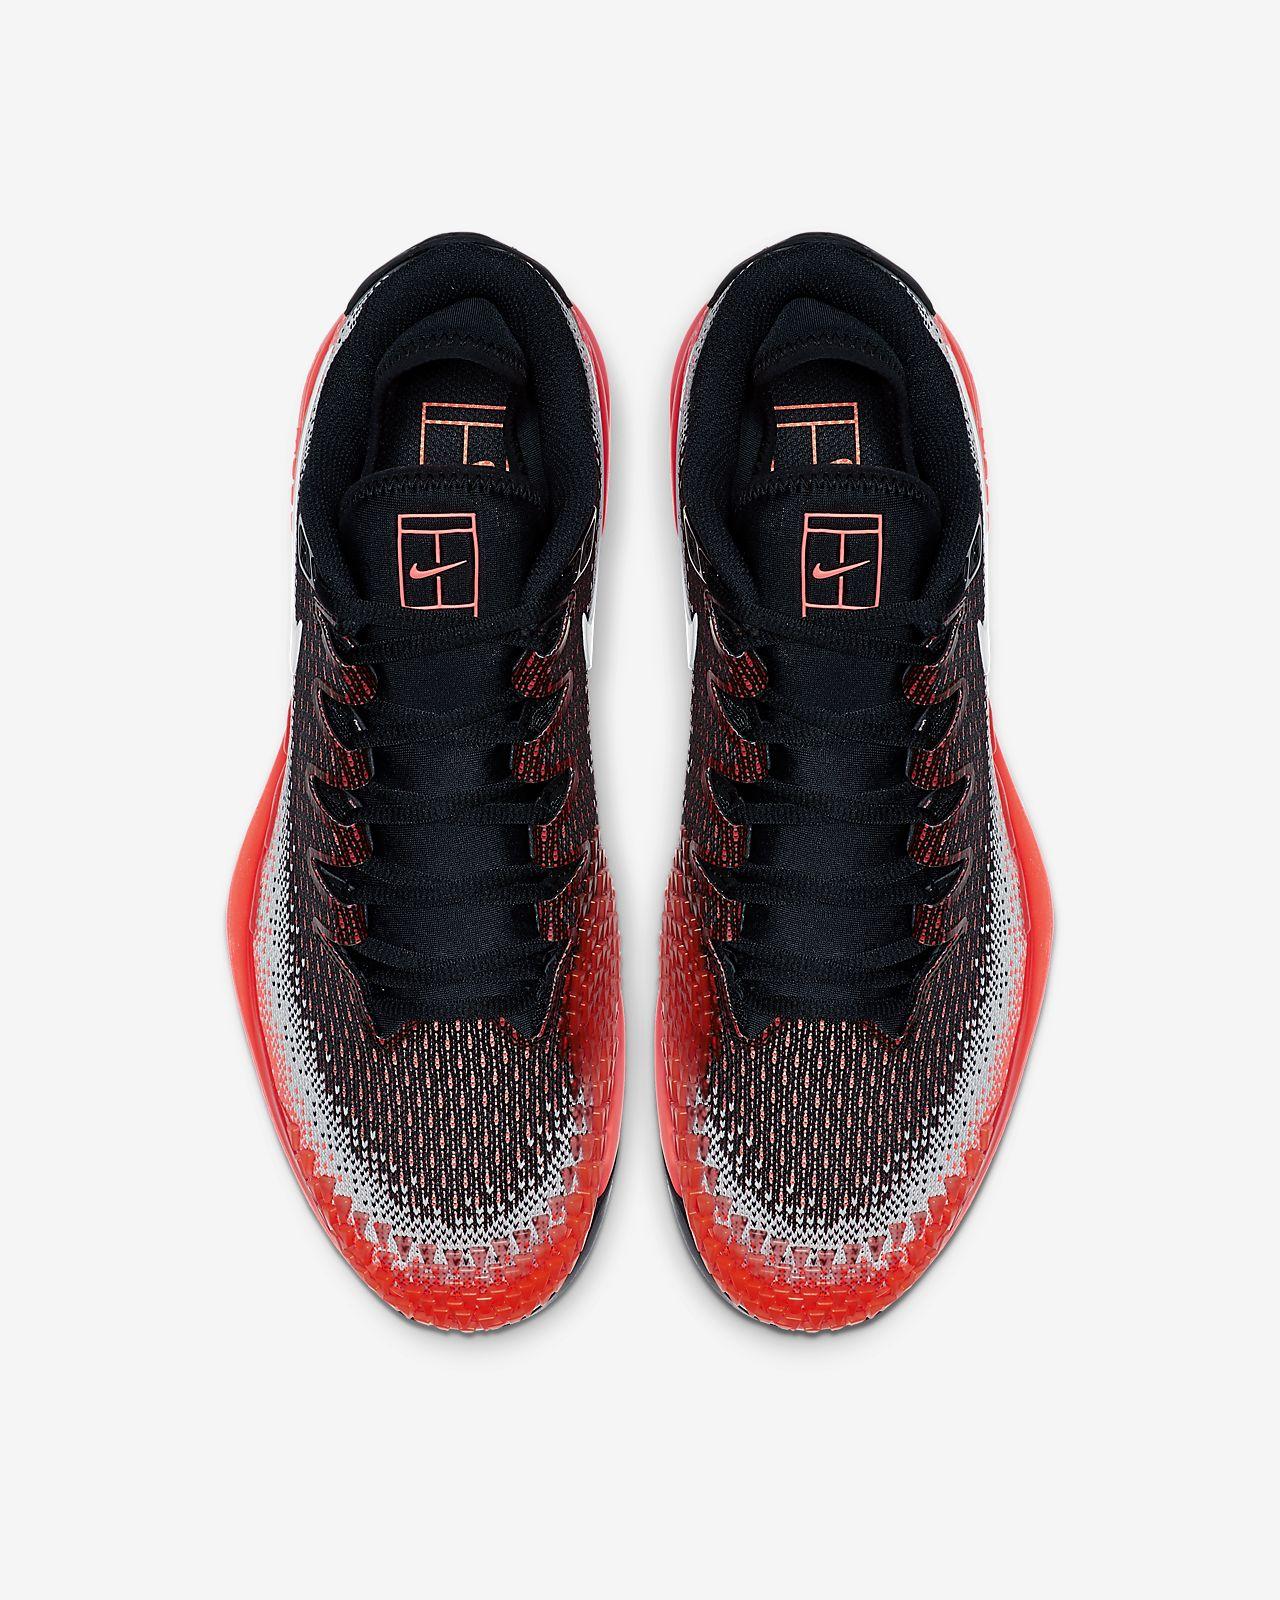 pour Knit Vapor Chaussure pour NikeCourt surface de tennis dure Zoom Homme X Air SUMpzV